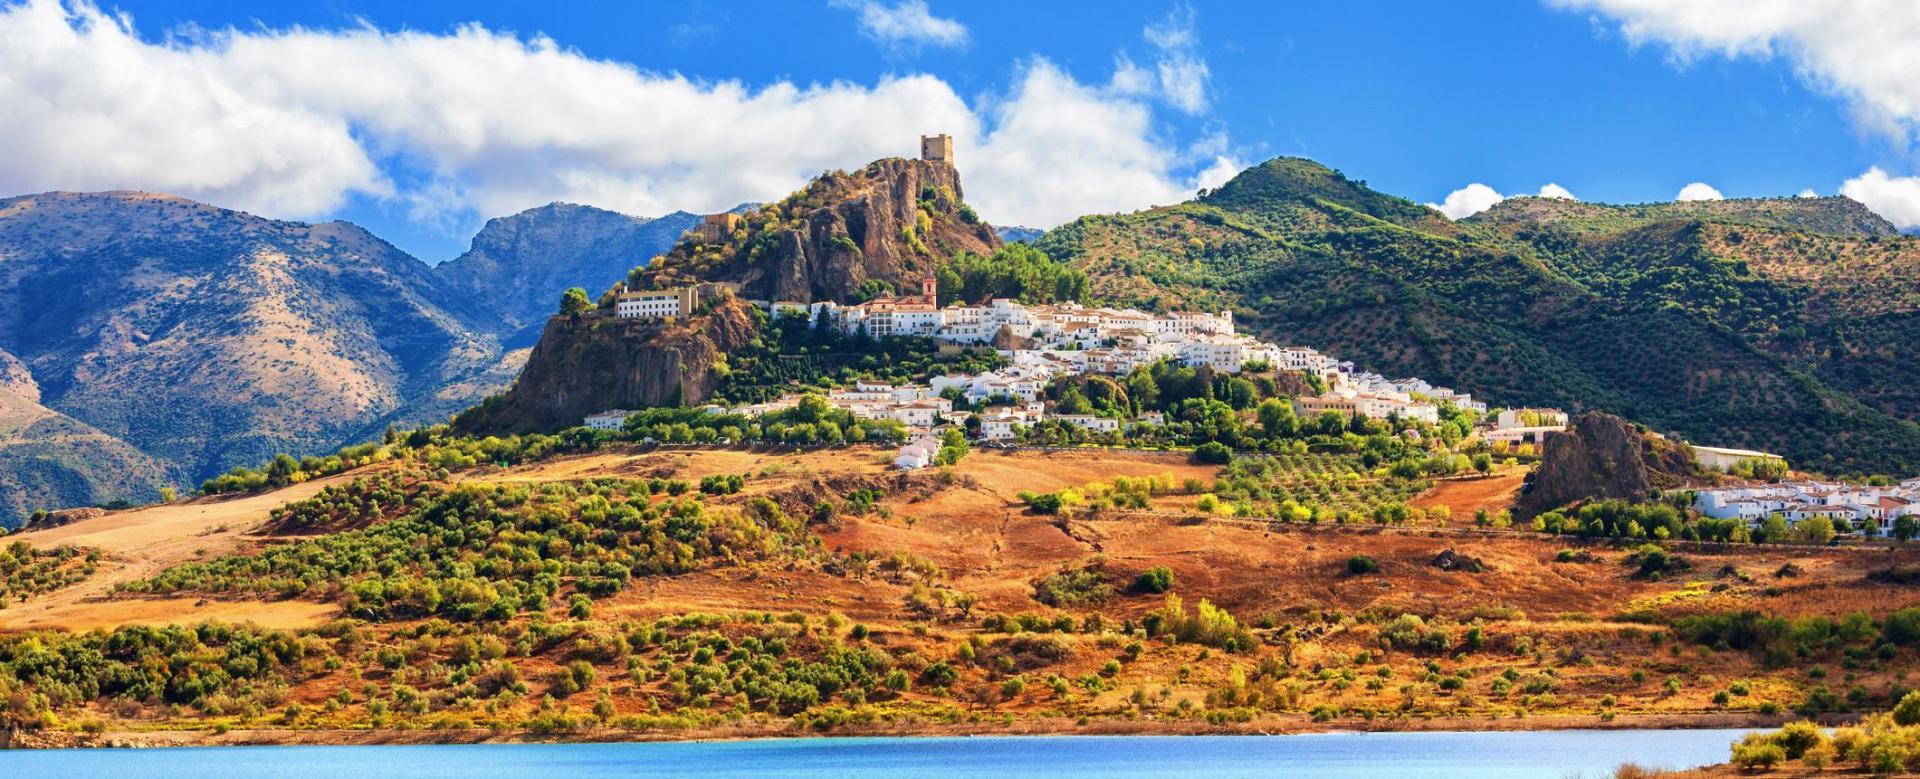 Voyage à pied Espagne : Les montagnes andalouses